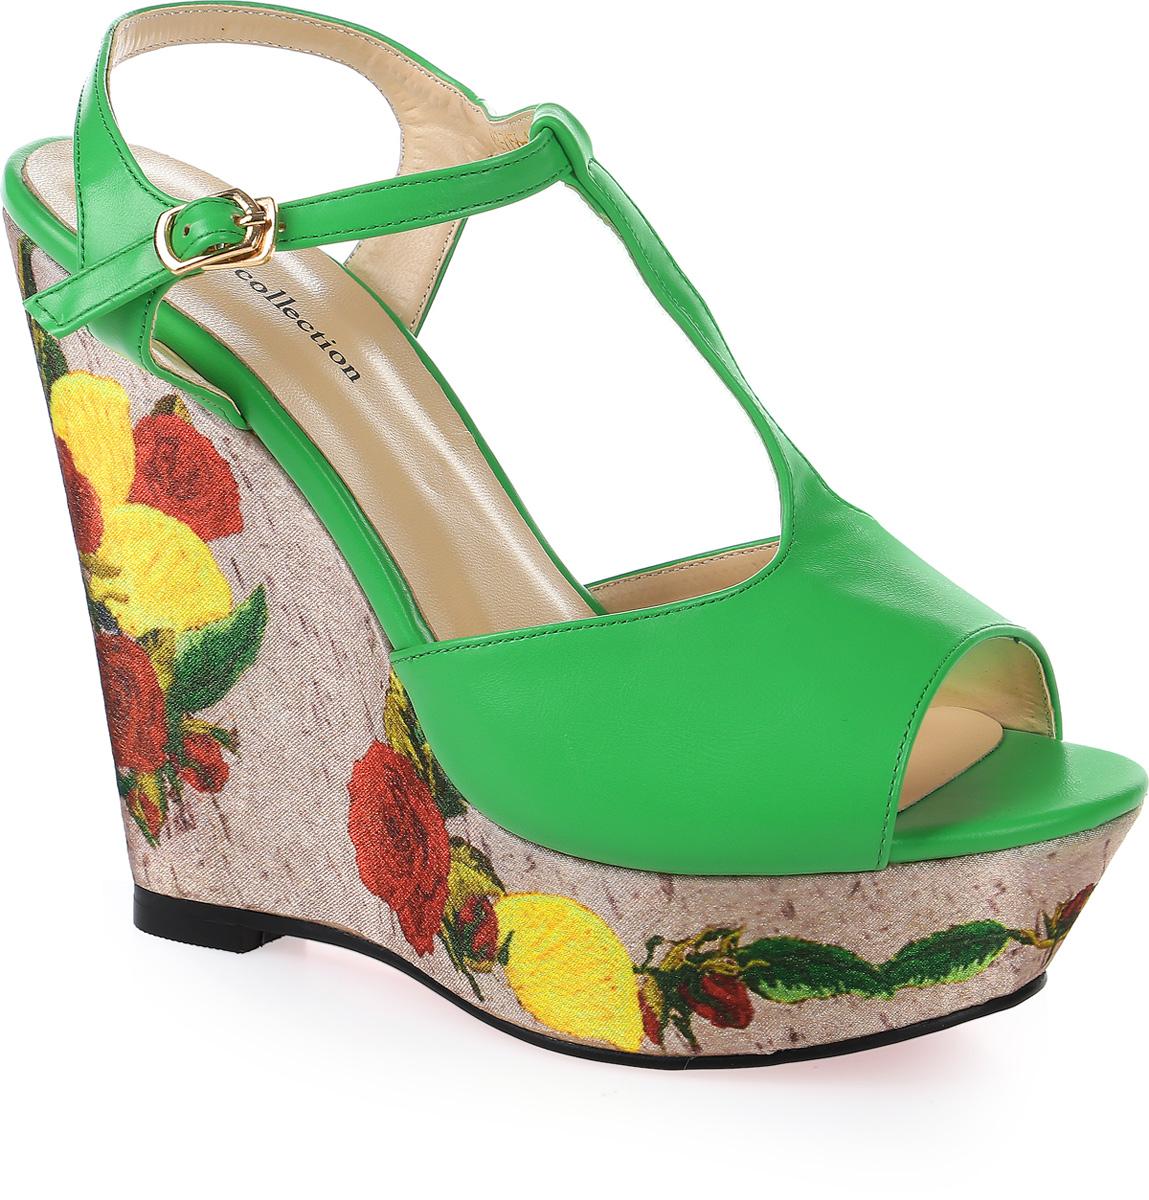 Босоножки женские LK Collection, цвет: зеленый. W263-7156-1 PU. Размер 39W263-7156-1 PUСтильные босоножки на высокой танкетке выполнены из искусственной кожи. Стелька выполнена из натуральной кожи. Босоножки фиксируются на ноге при помощи застежки-пряжки.